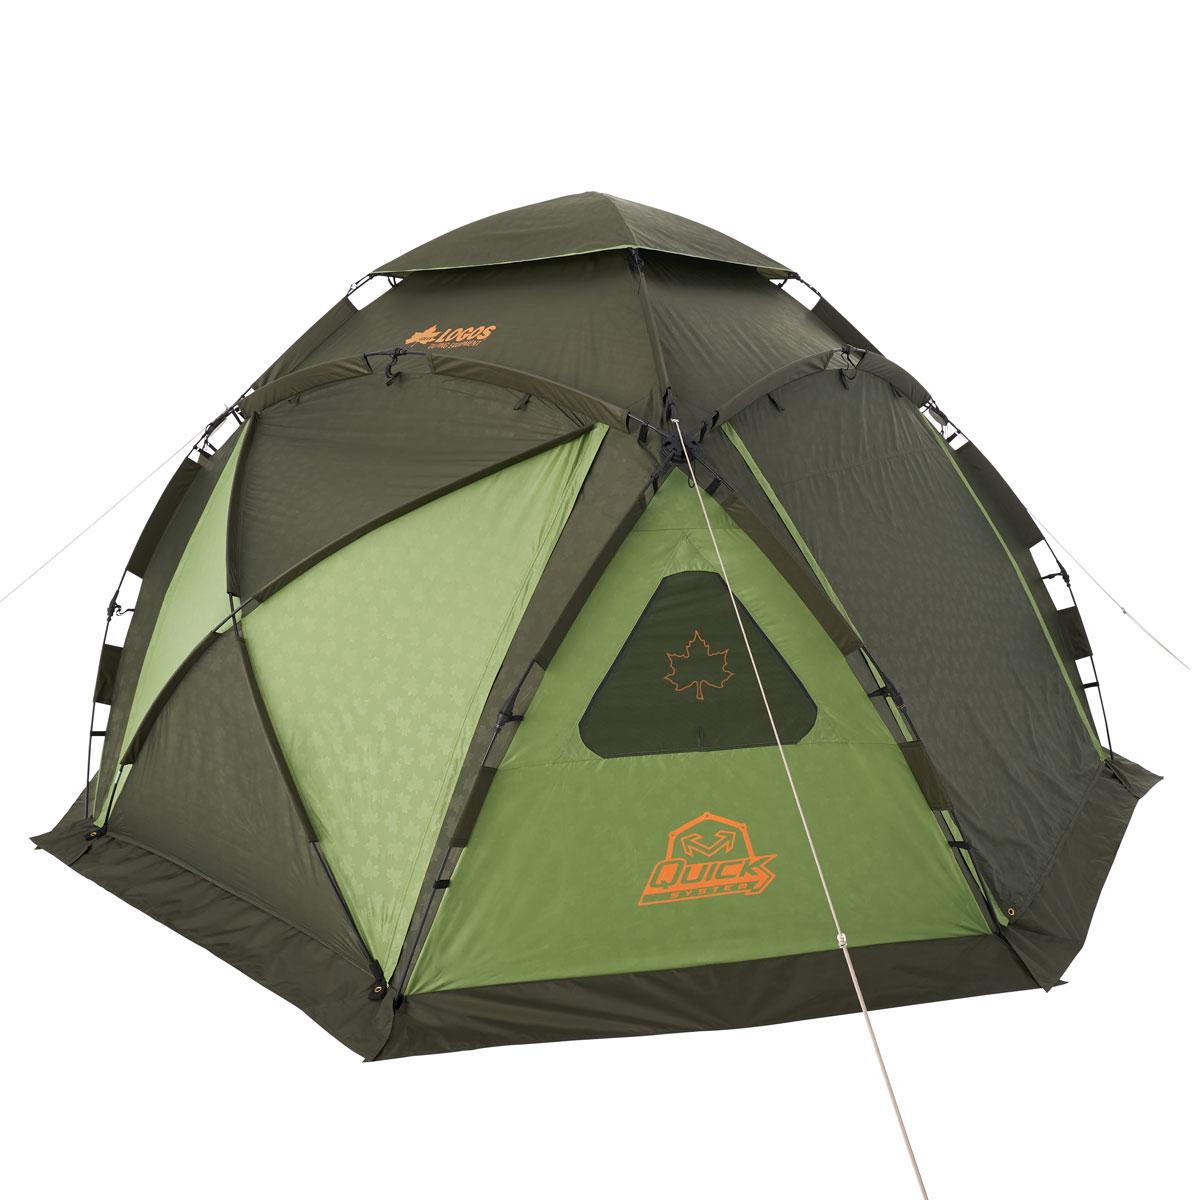 ロゴス(LOGOS) タープ スペースベース・オクタゴン-BJ 71459307 テント キャンプ アウトドア